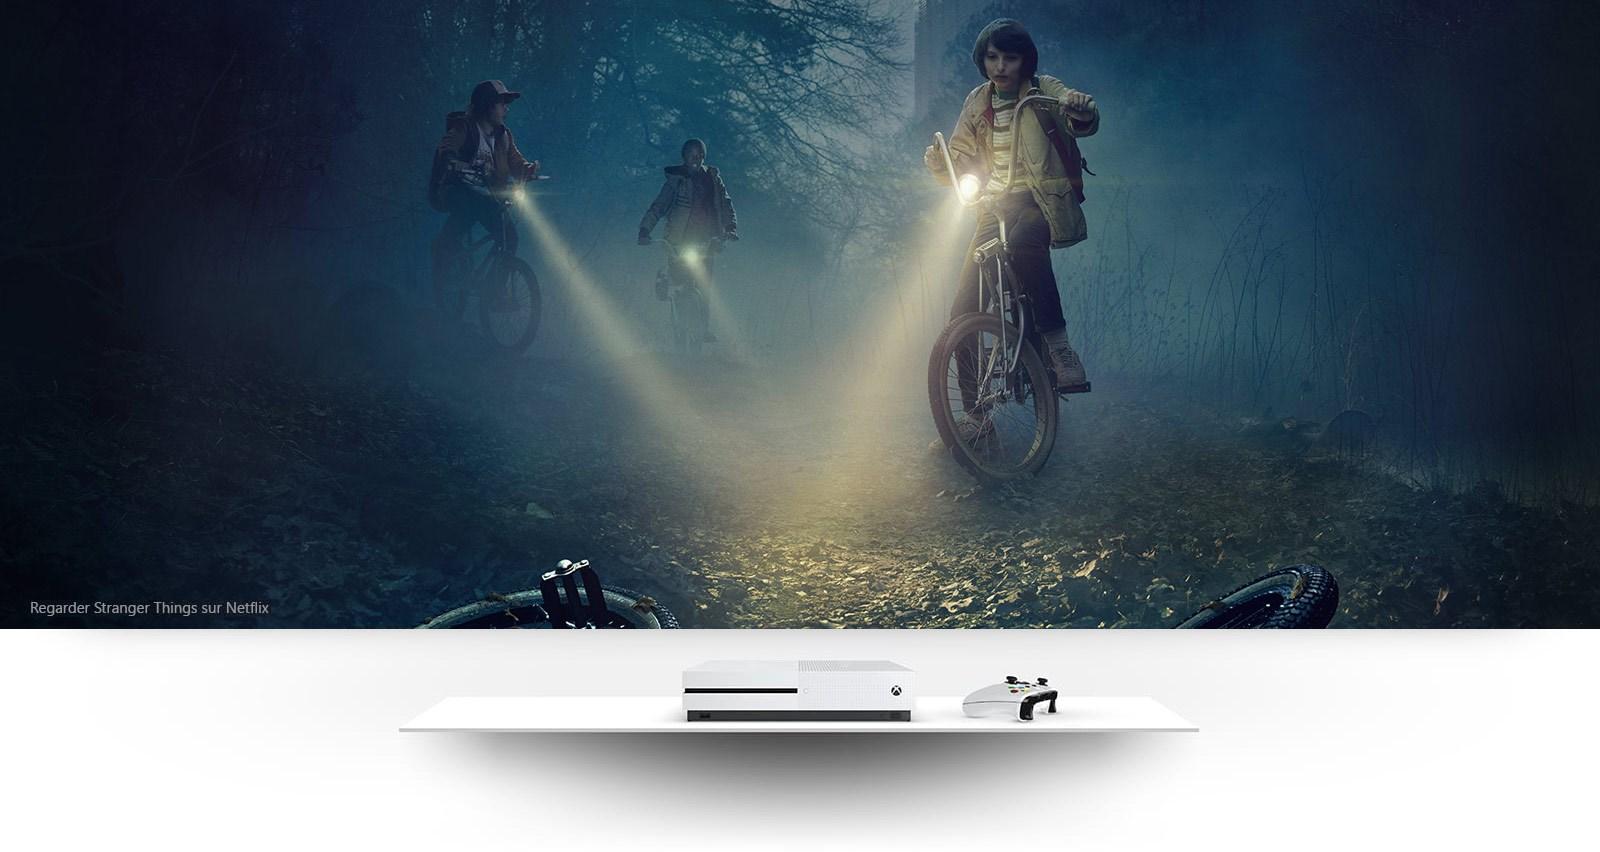 XboxOneS avec une image des enfants de Stranger Things sur des vélos